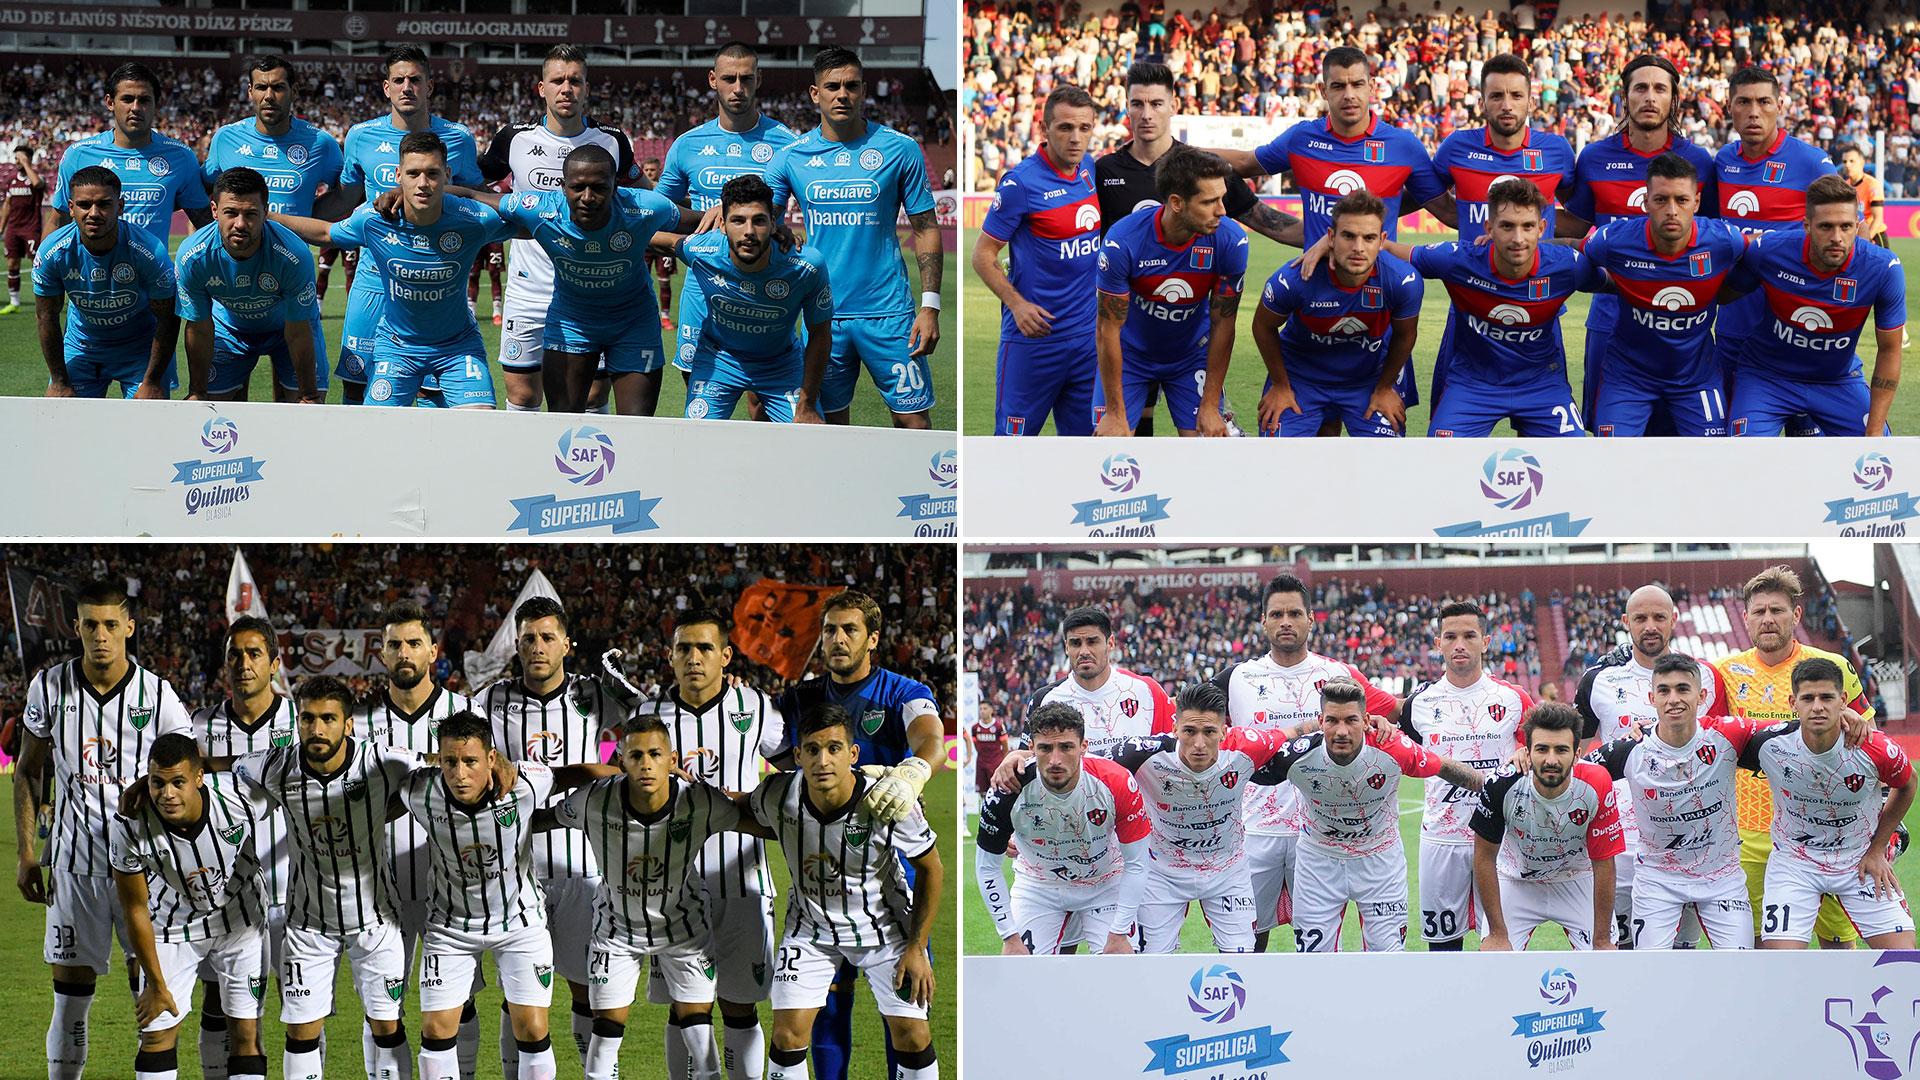 Belgrano, Tigre, San Martín de San Juan y Patronato protagonizaron la definición del descenso en el final de la temporada 2018/2019